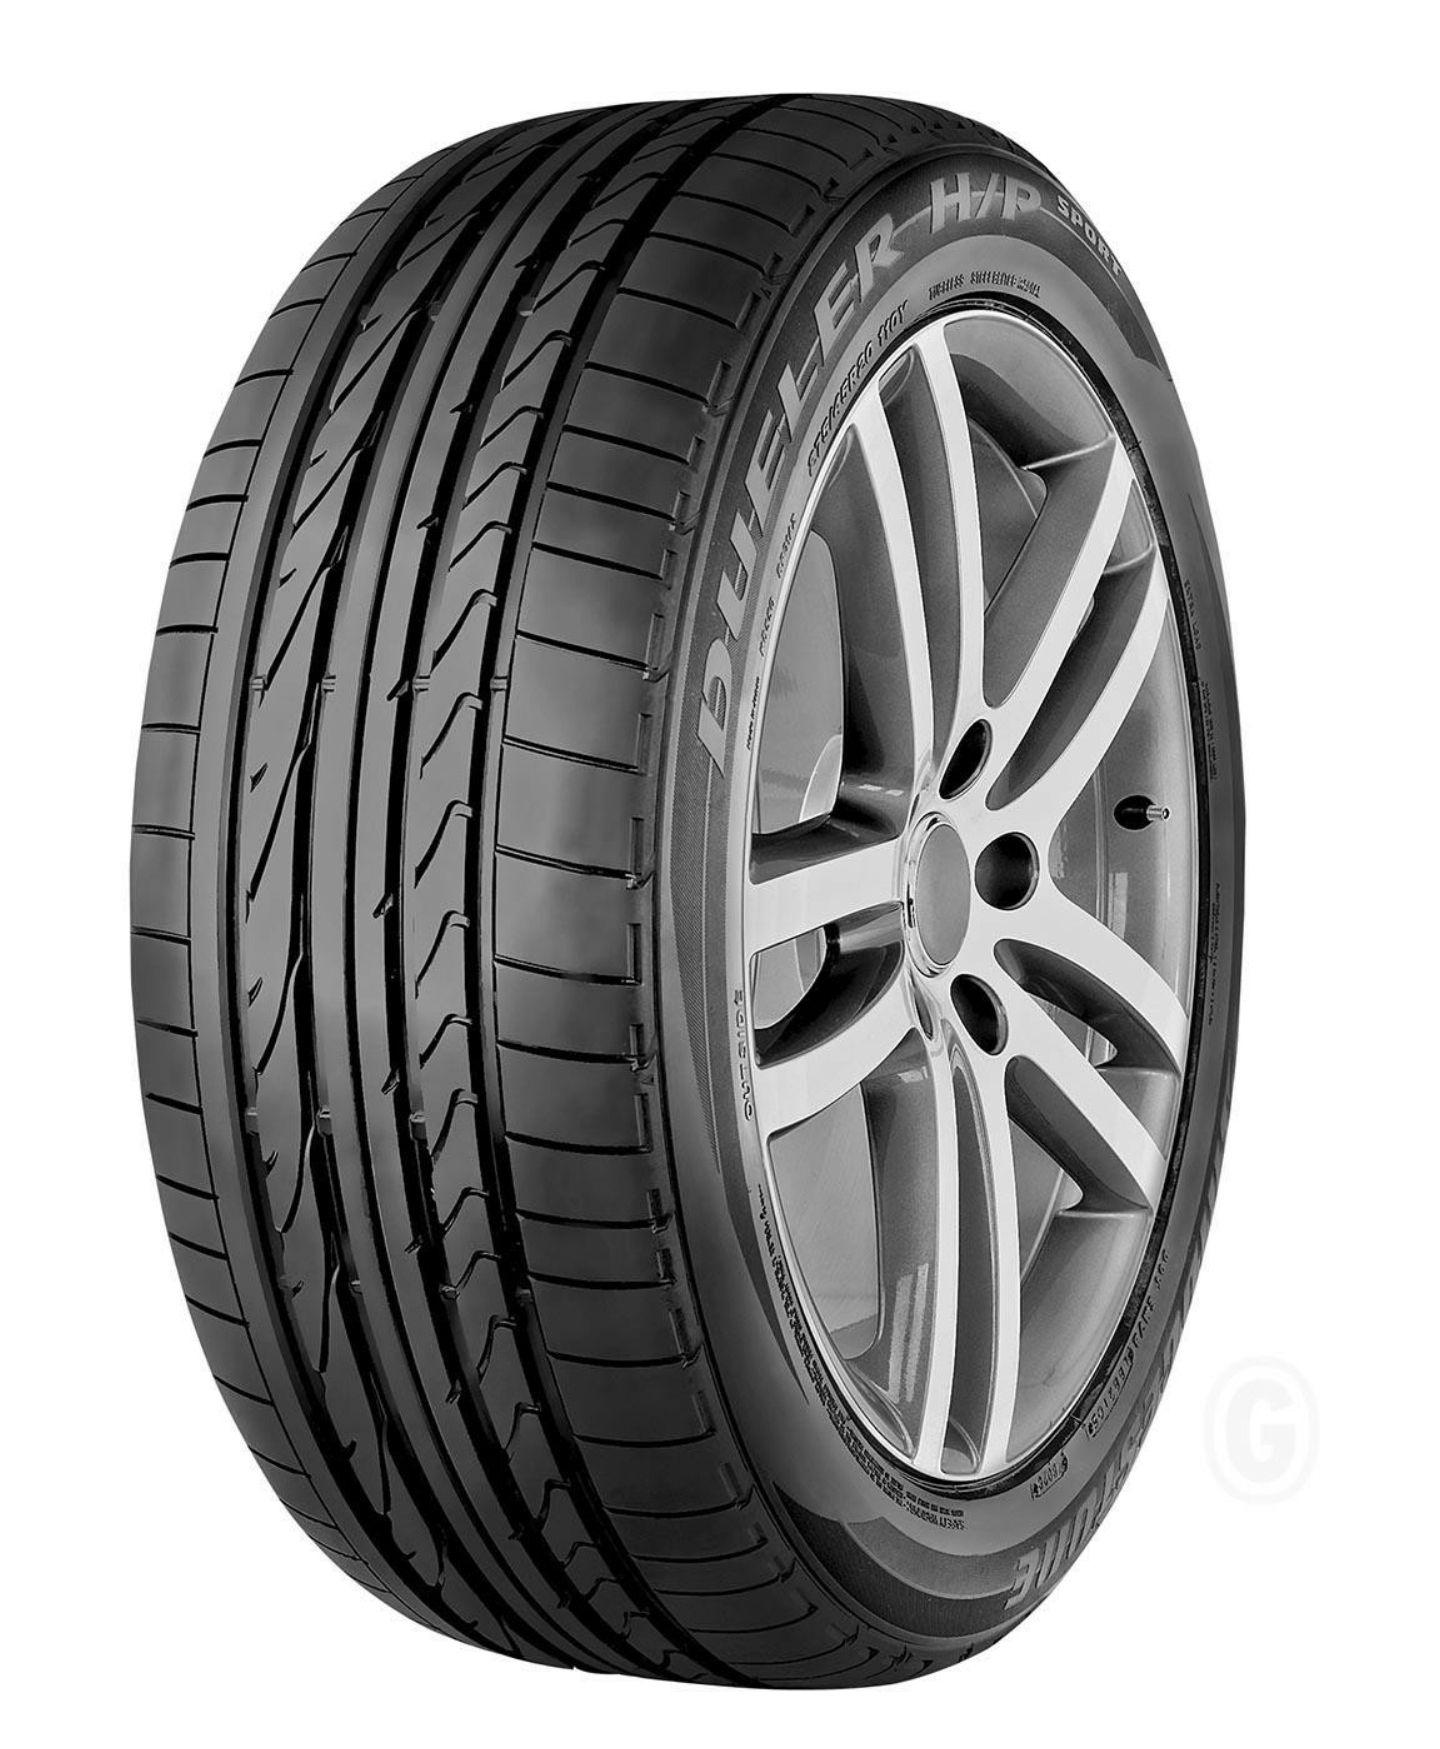 Sommerreifen Bridgestone Dueler HP Sport 235/65 R17 104V DOT16 MO